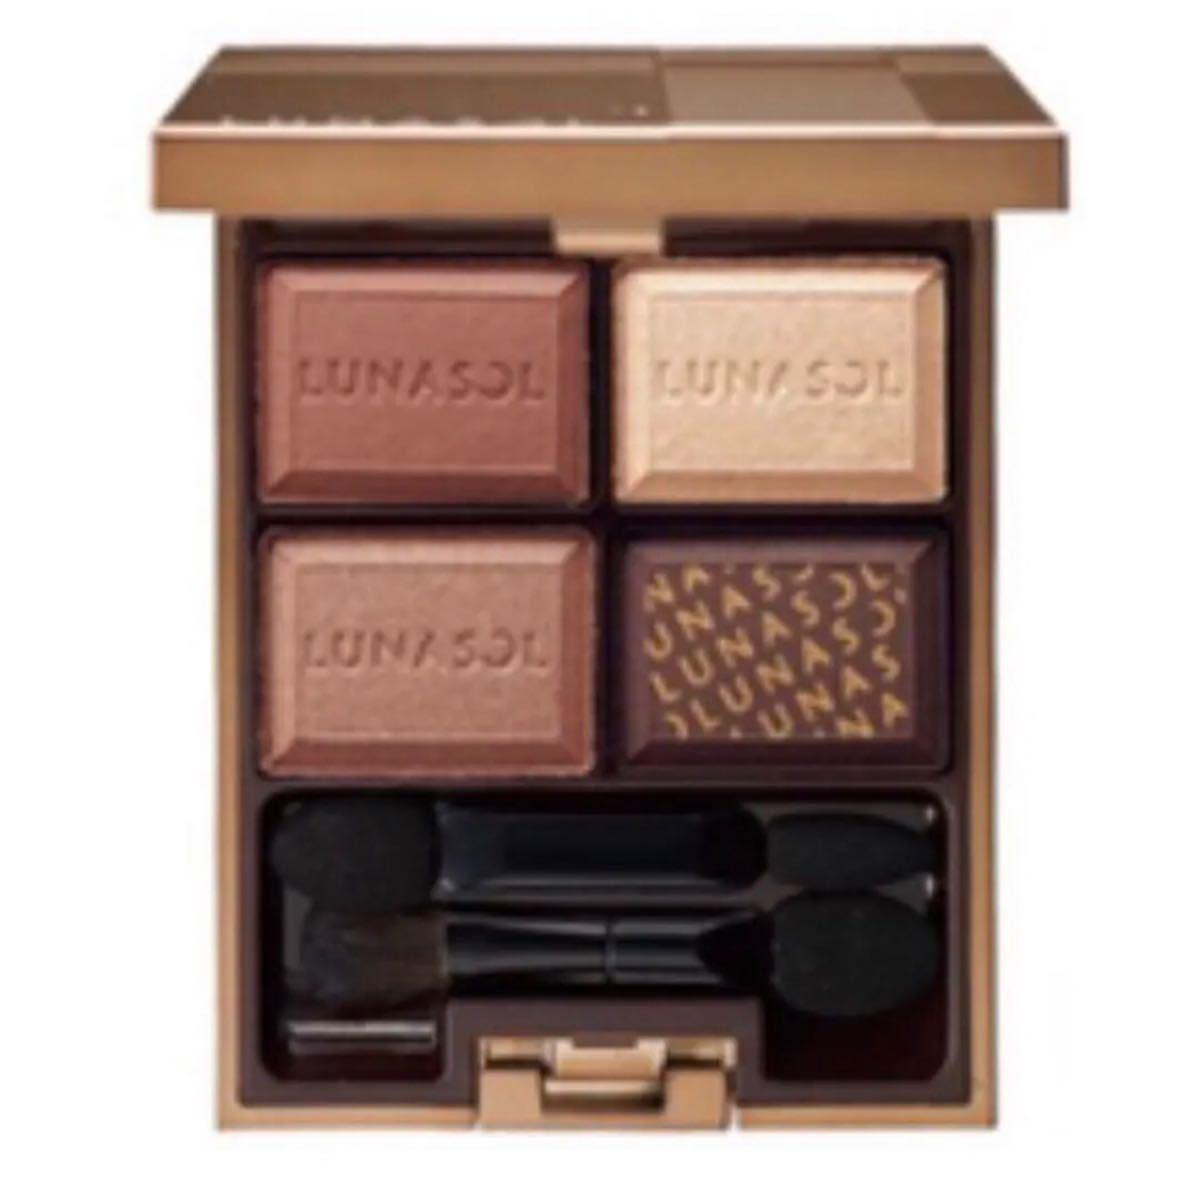 ルナソル セレクション・ドゥ・ショコラアイズ 02 Chocolat Amer LUNASOL アイシャドウ